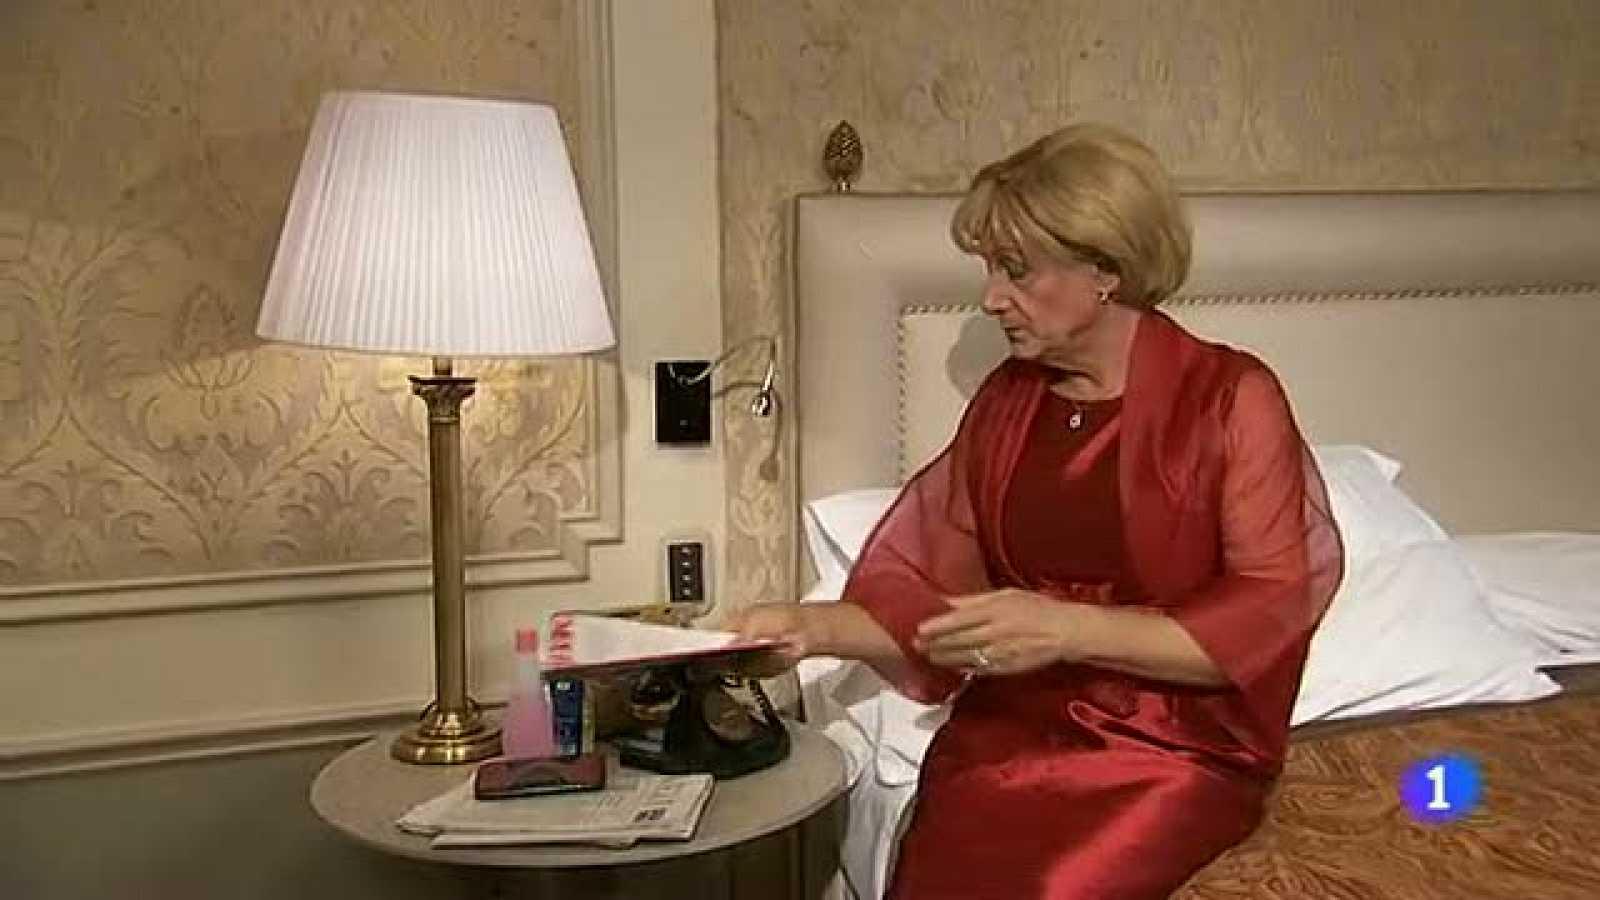 Especial Nochevieja 2012 - Hotel 13 estrellas 12 uvas - Merkel y Rajoy en la habitación de hotel - ver vídeo